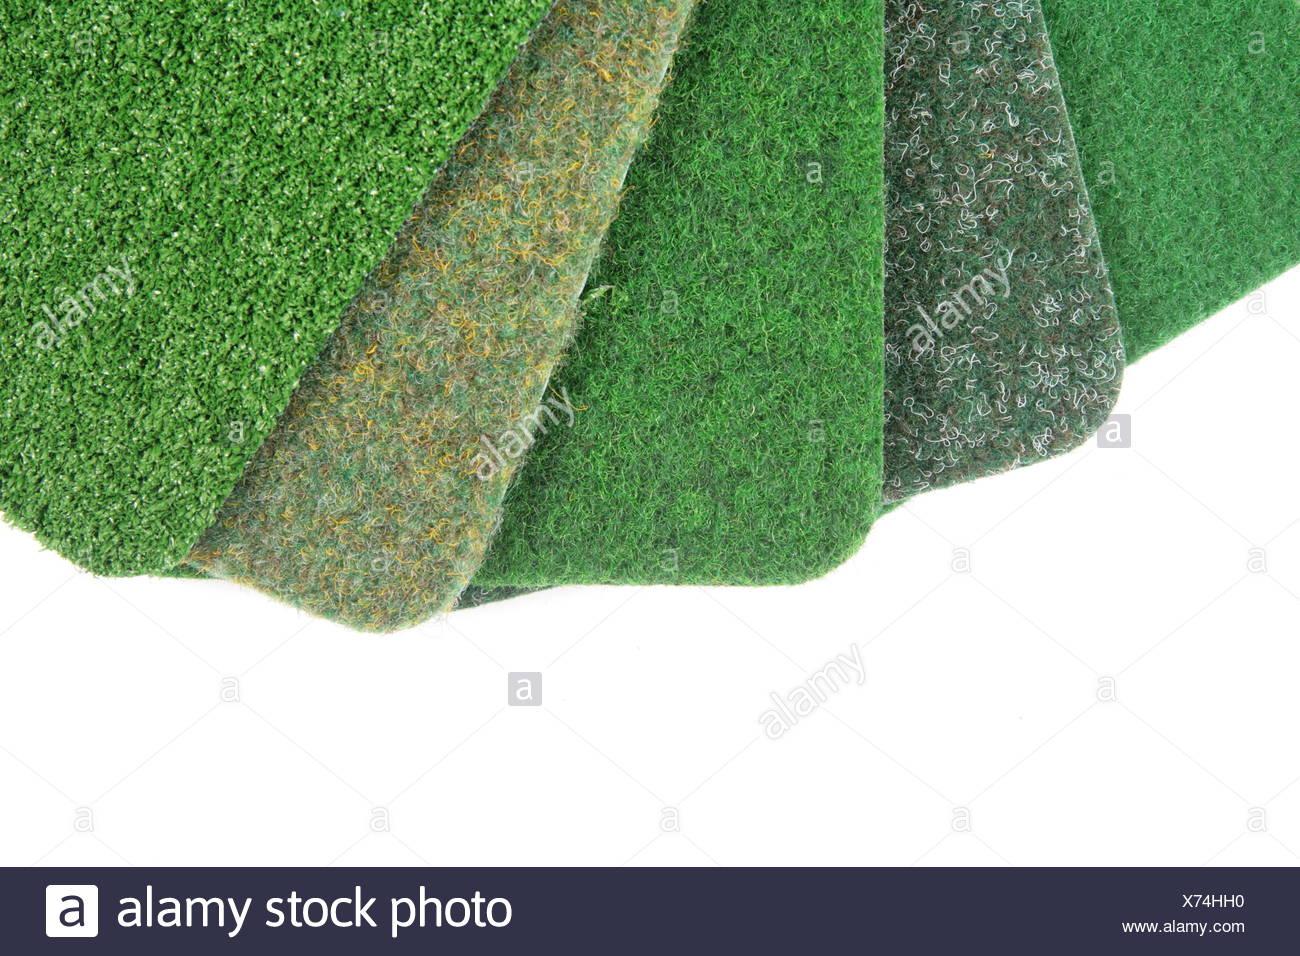 mat artificial turf meadow grass lawn green mat offer artificial turf team Stock Photo